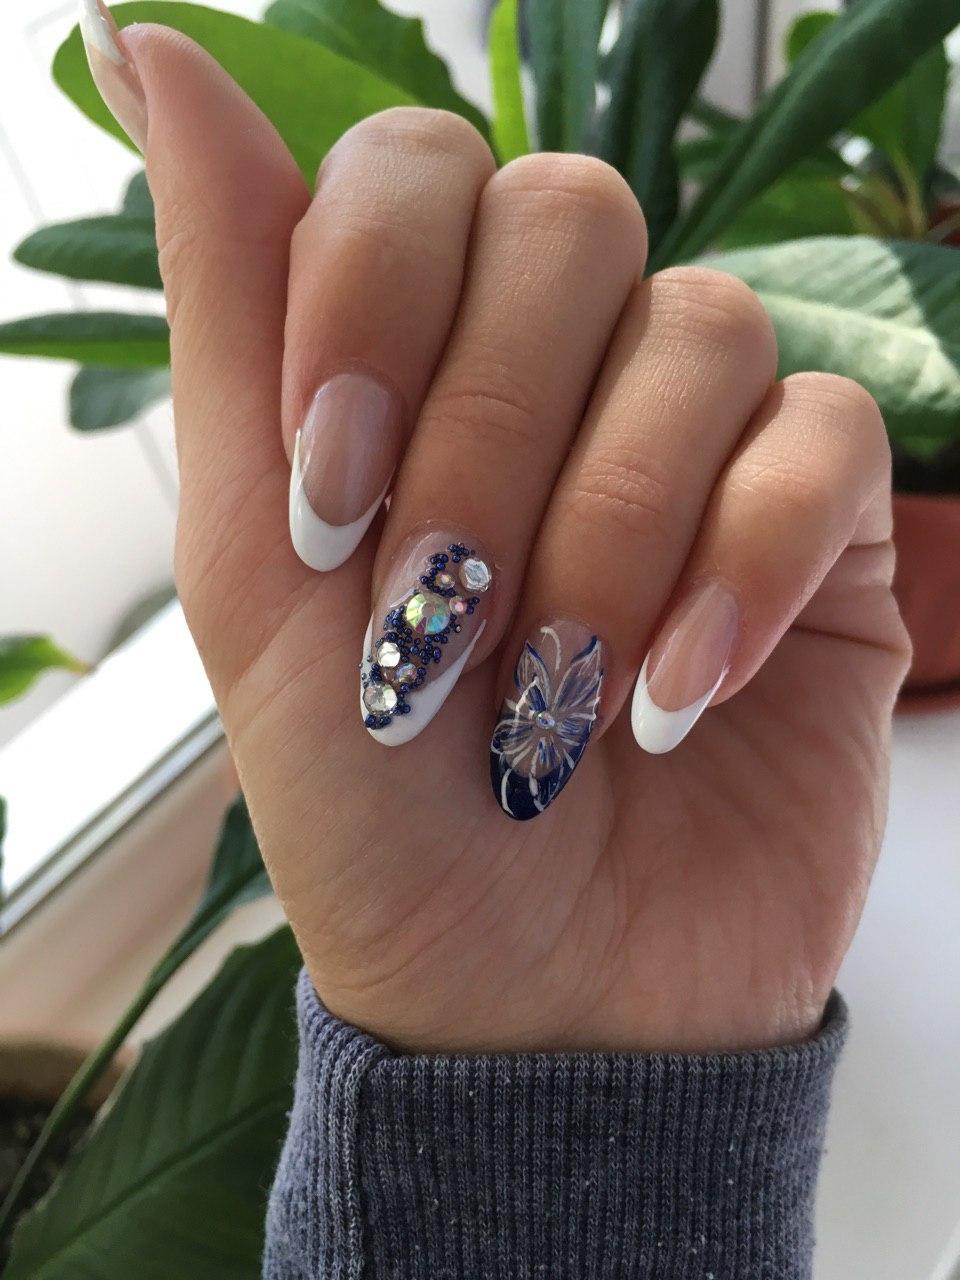 Дизайн с крупными стразами на ногтях